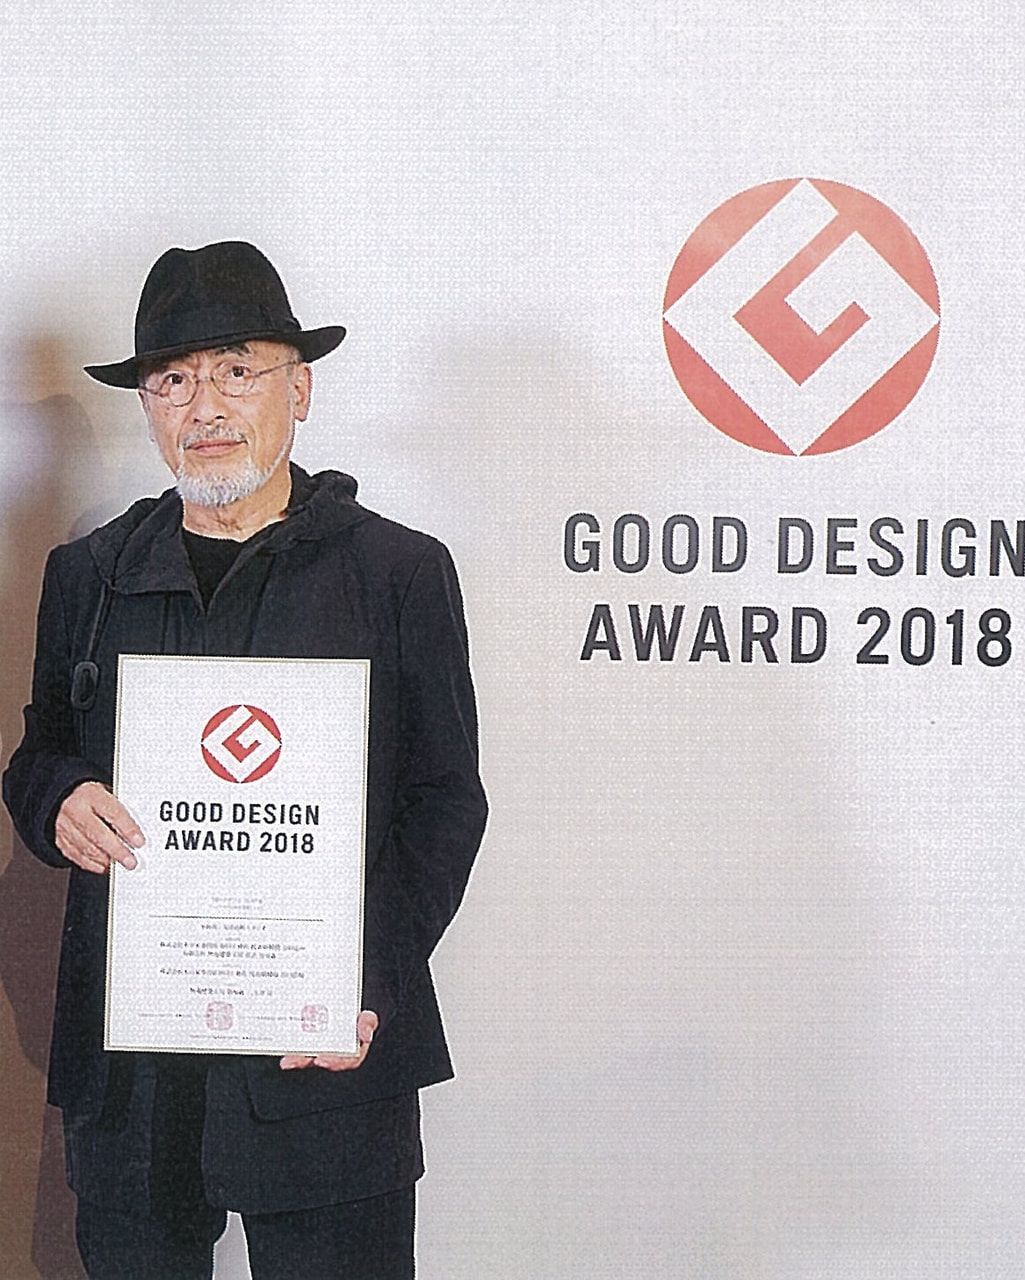 竹原先生が「2018年度グッドデザイン賞」を受賞されました。